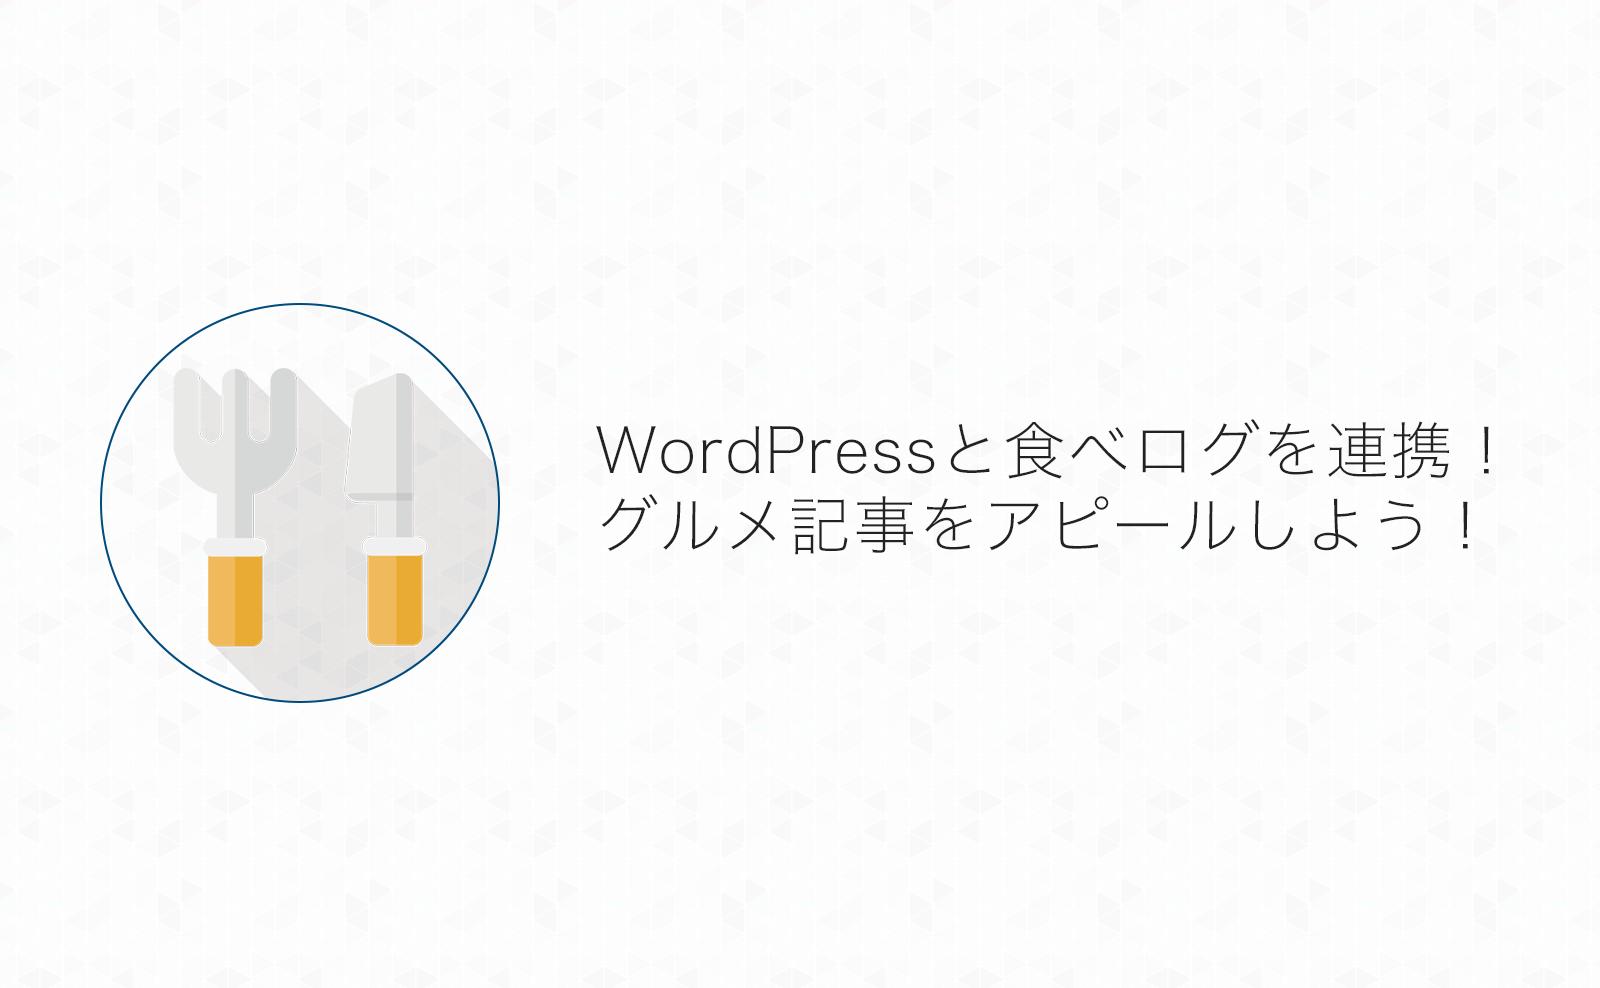 WordPressと食べログを連携してグルメ記事のPVアップ!?トラックバック投稿する方法まとめ